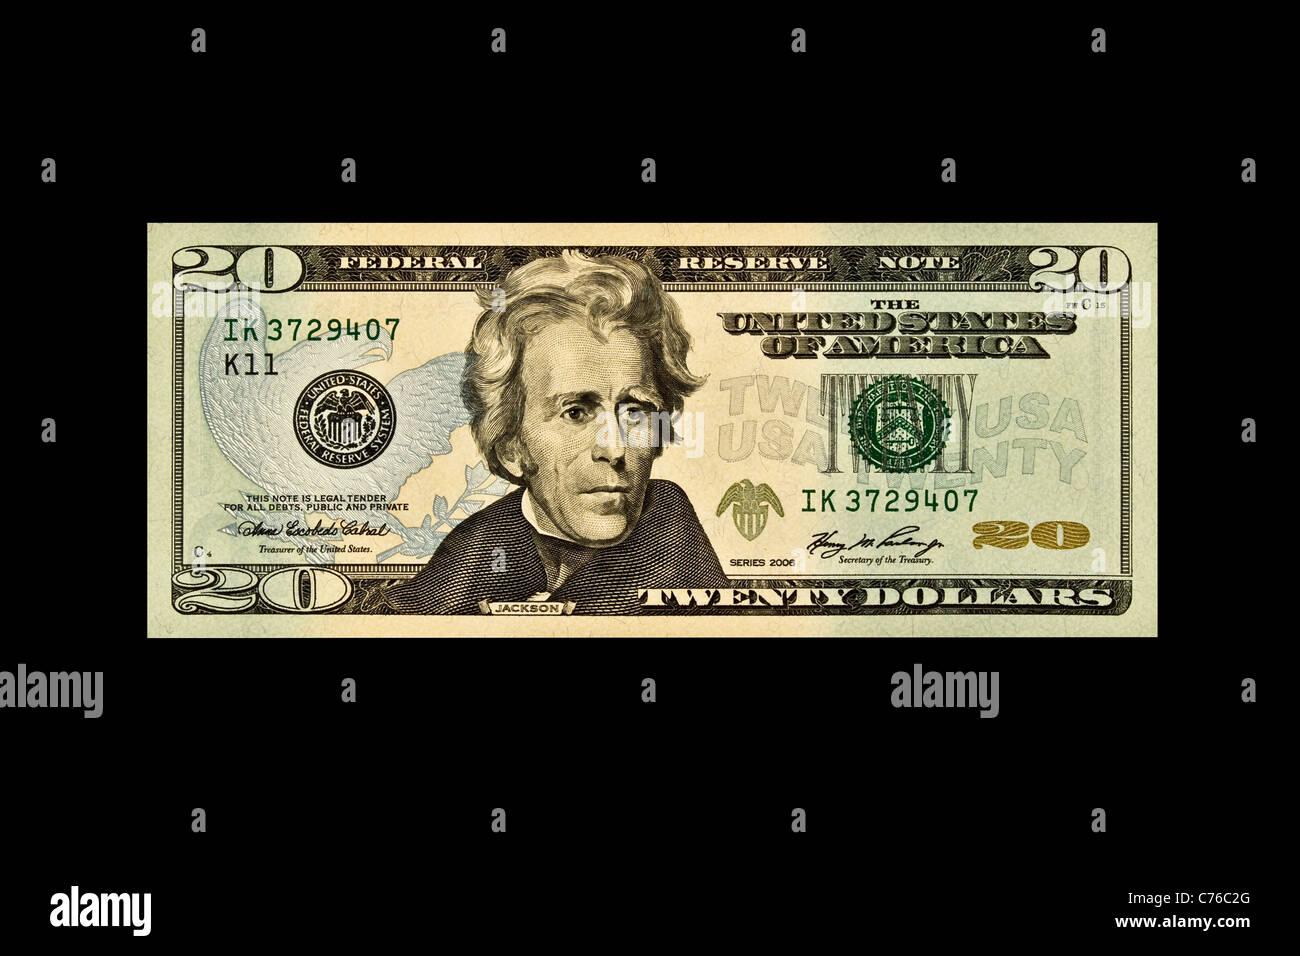 Einzigen 20 US-Dollar bill isoliert auf schwarz Stockbild